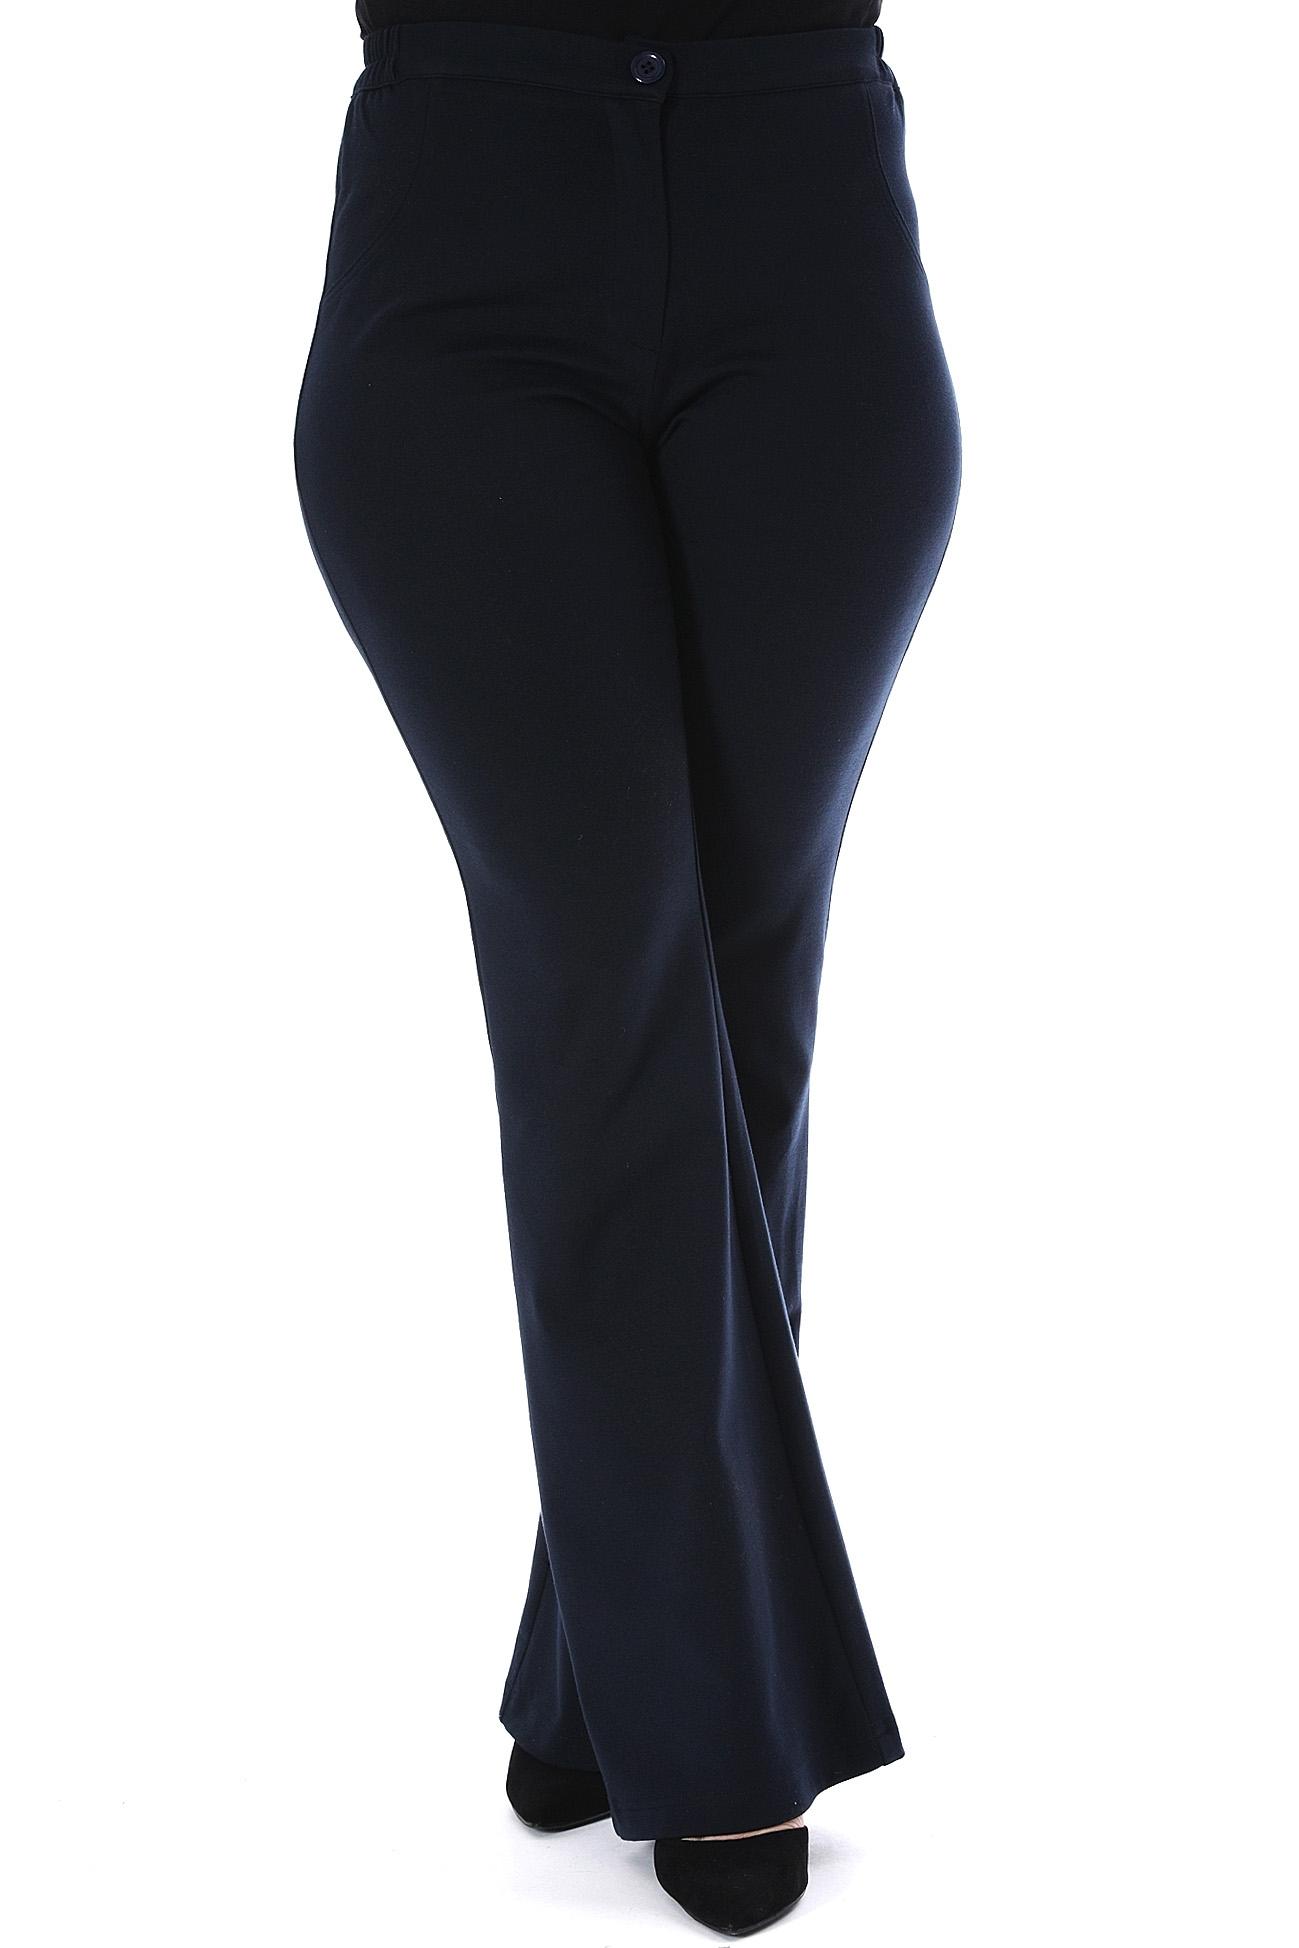 Παντελόνι καμπάνα, με κουμπί και φερμουάρ. Έχει λάστιχο στο πλάι, είναι σε bootcut γραμμή και μπλε χρώμα. Έχει τσέπες στο πίσω μέρος, με leather like λεπτομέρειες. Διαθέσιμα μεγέθη από S έως 4XL. Σύνθεση: 68%VISC 28%POL 4%SP Το μοντέλο έχει ύψος 1.73cm και φοράει μέγεθος S.